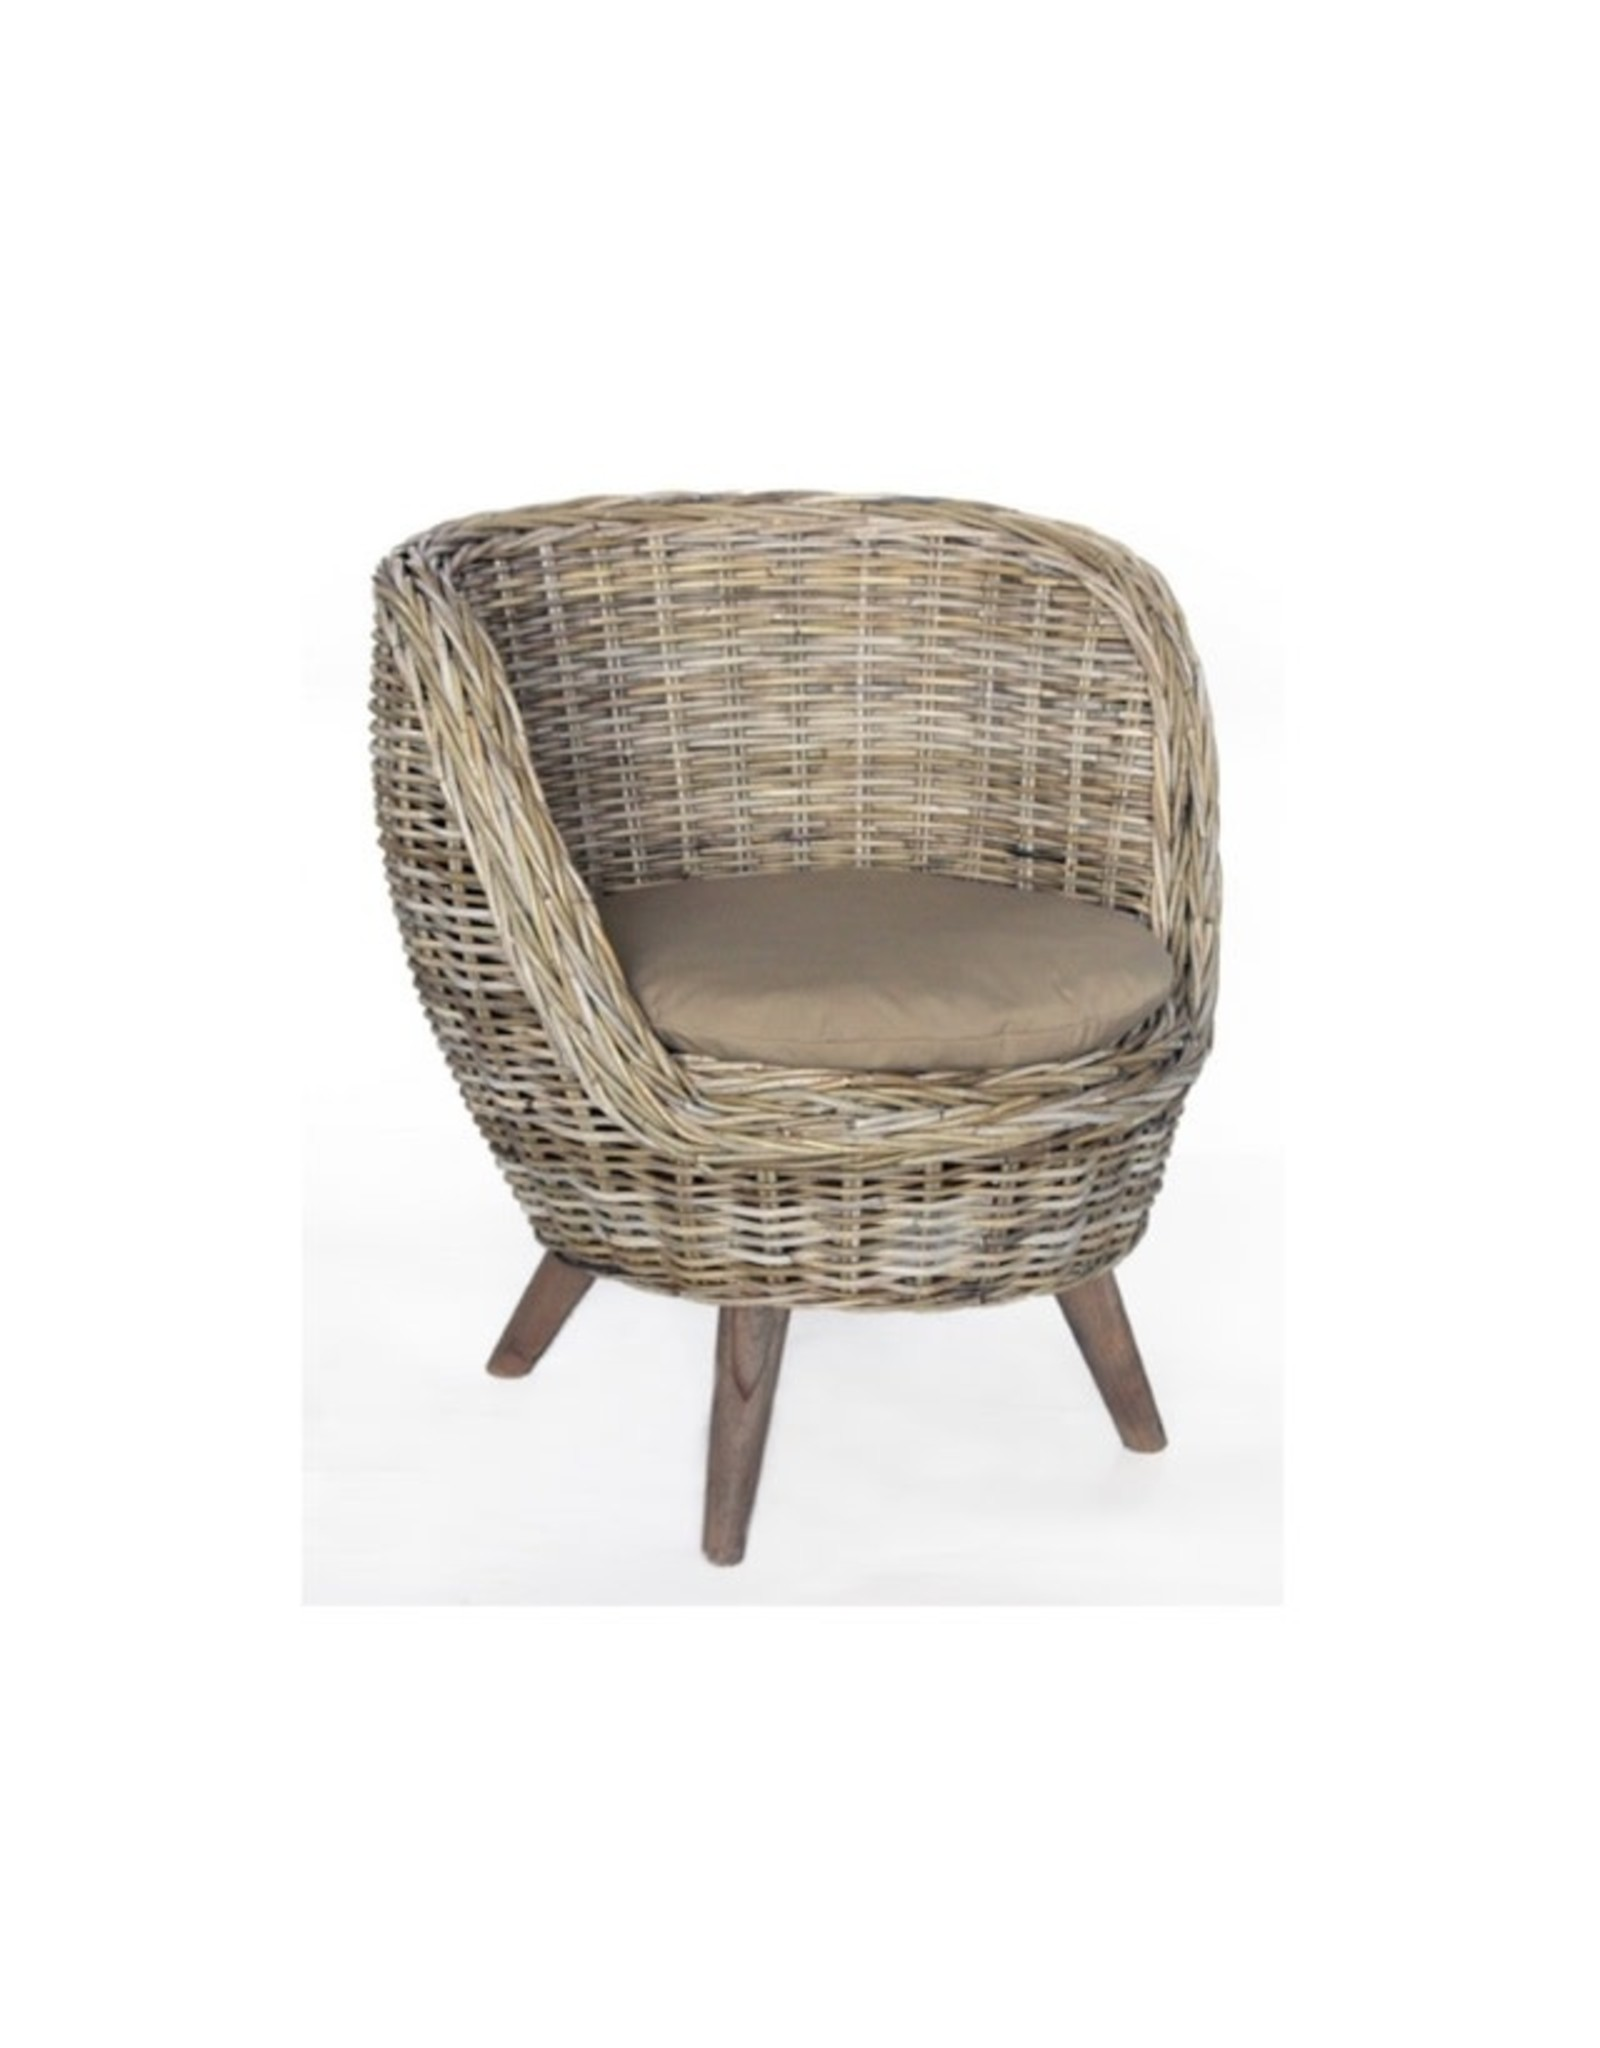 Van der Leeden Mandwerk Bucket Chair Round 82X77H70cm